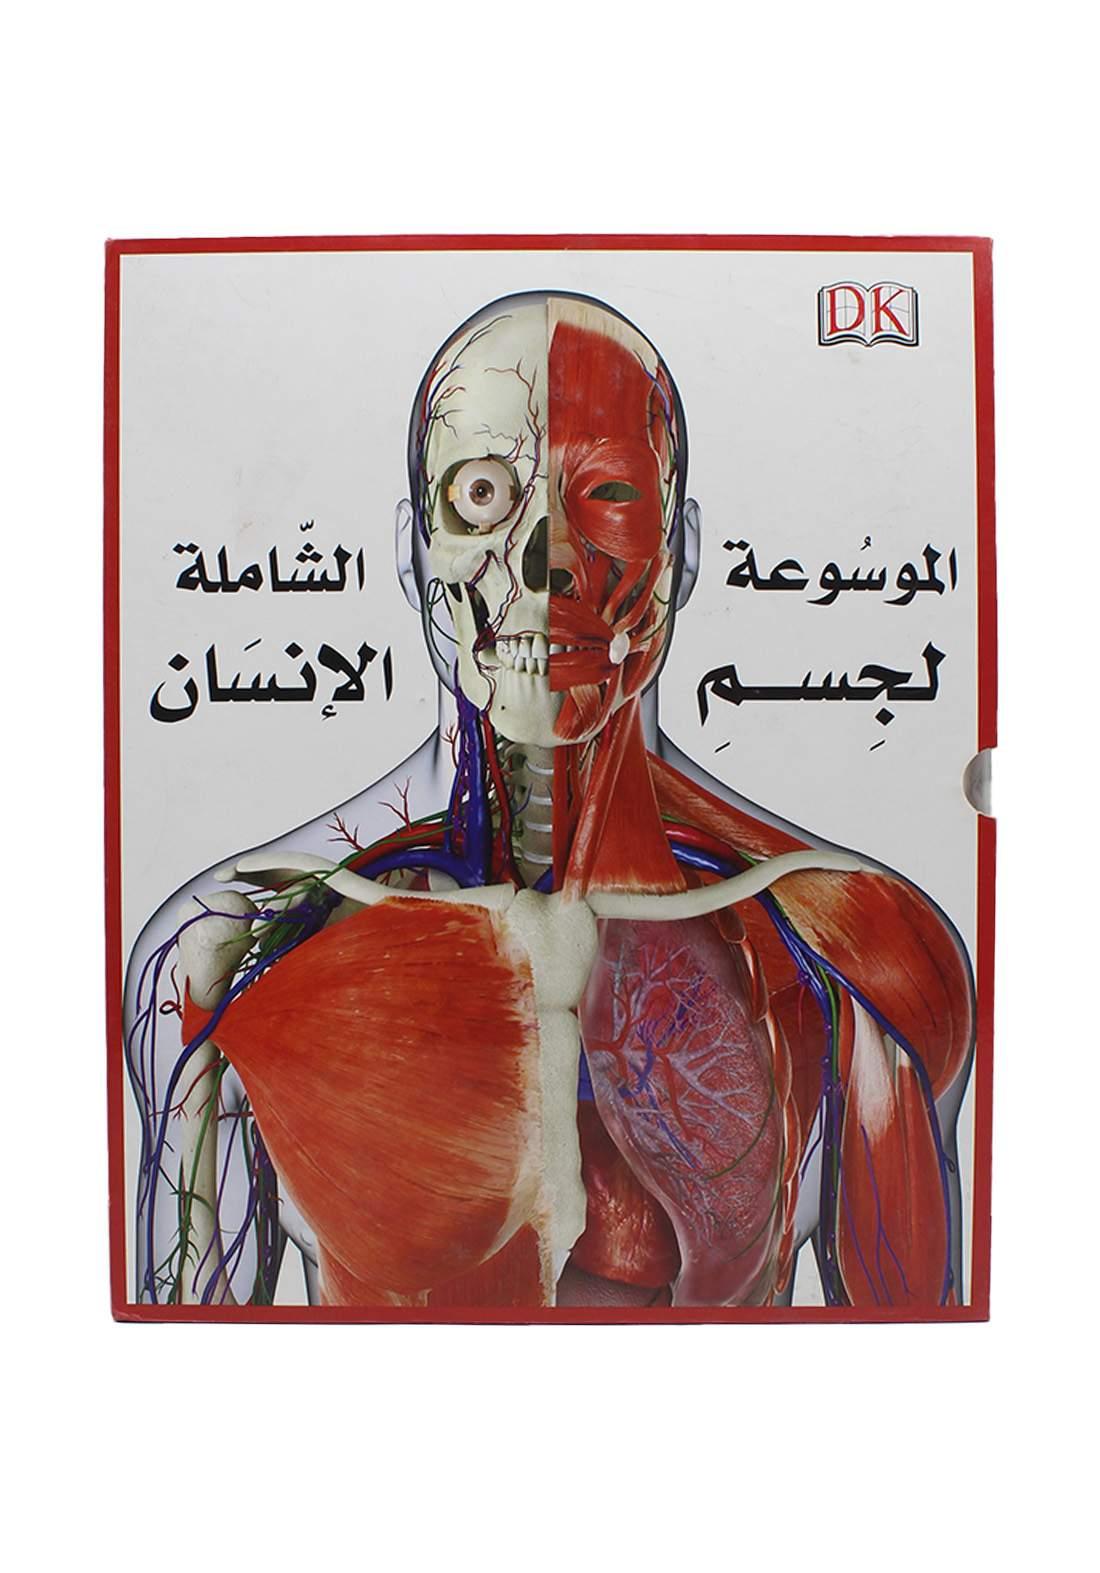 موسوعة جسم الانسان الشاملة